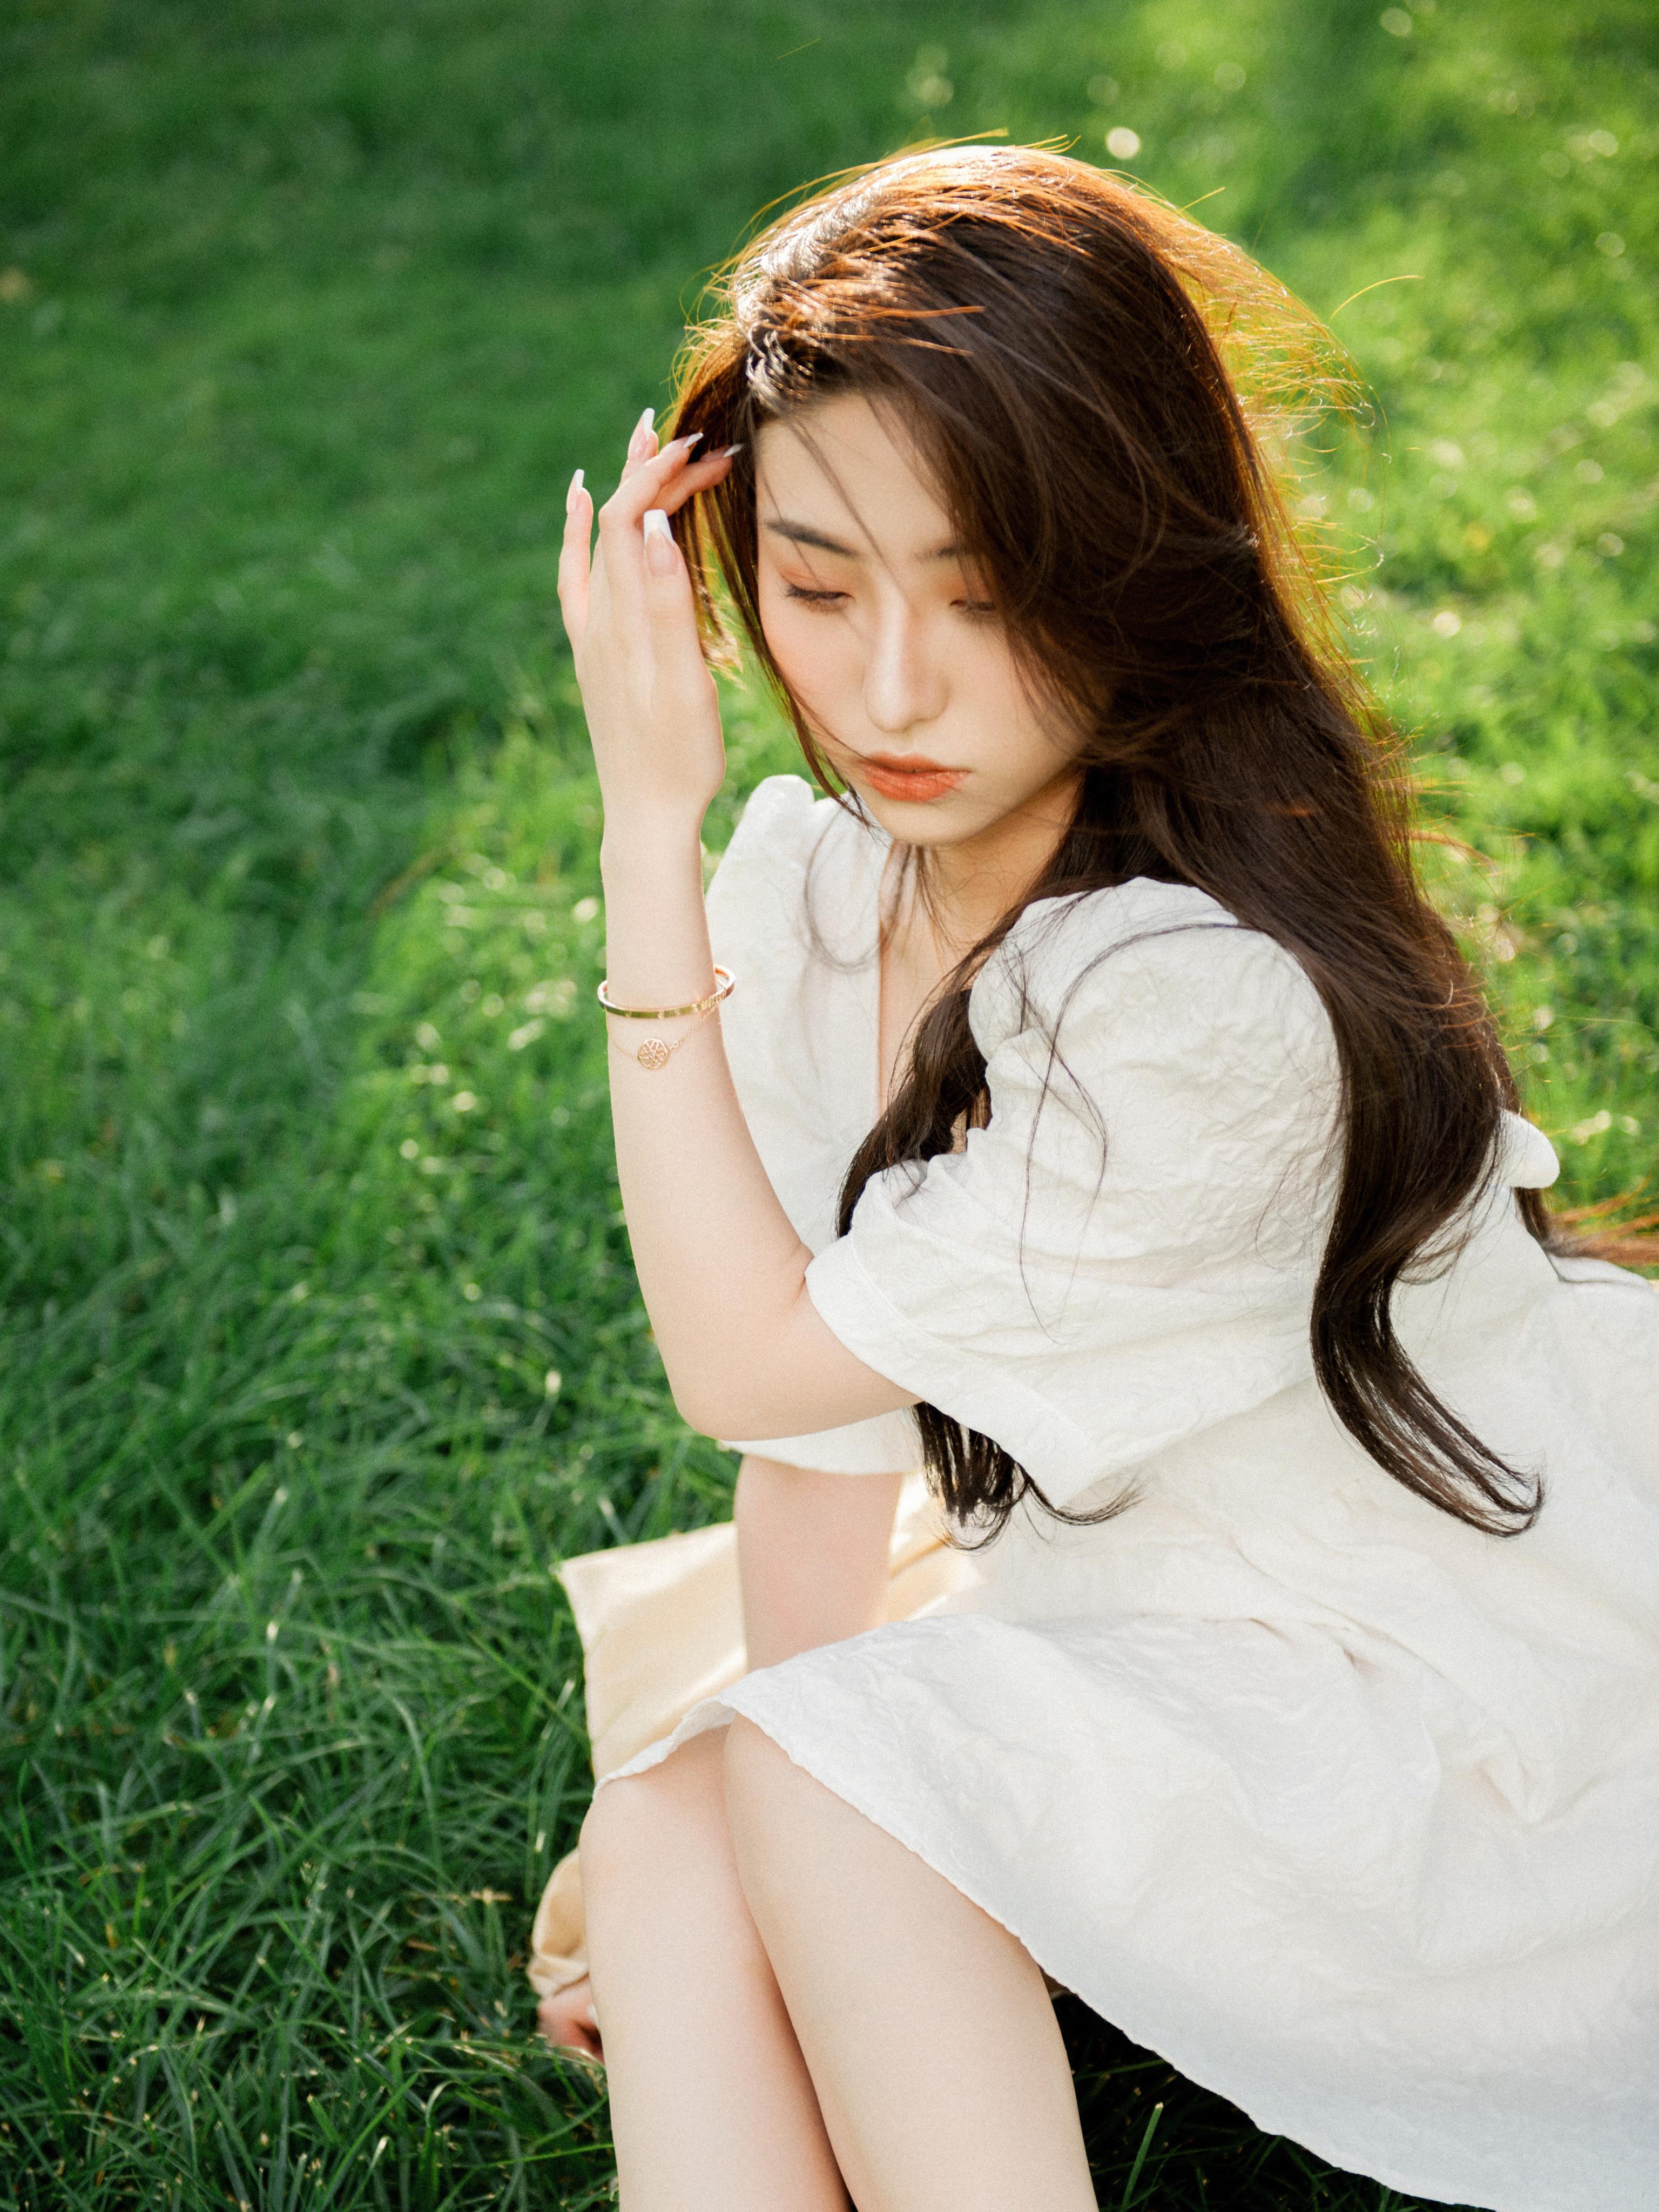 公主日记阳光果然是最好的滤镜.摄影#人间四月爱拍照...美女